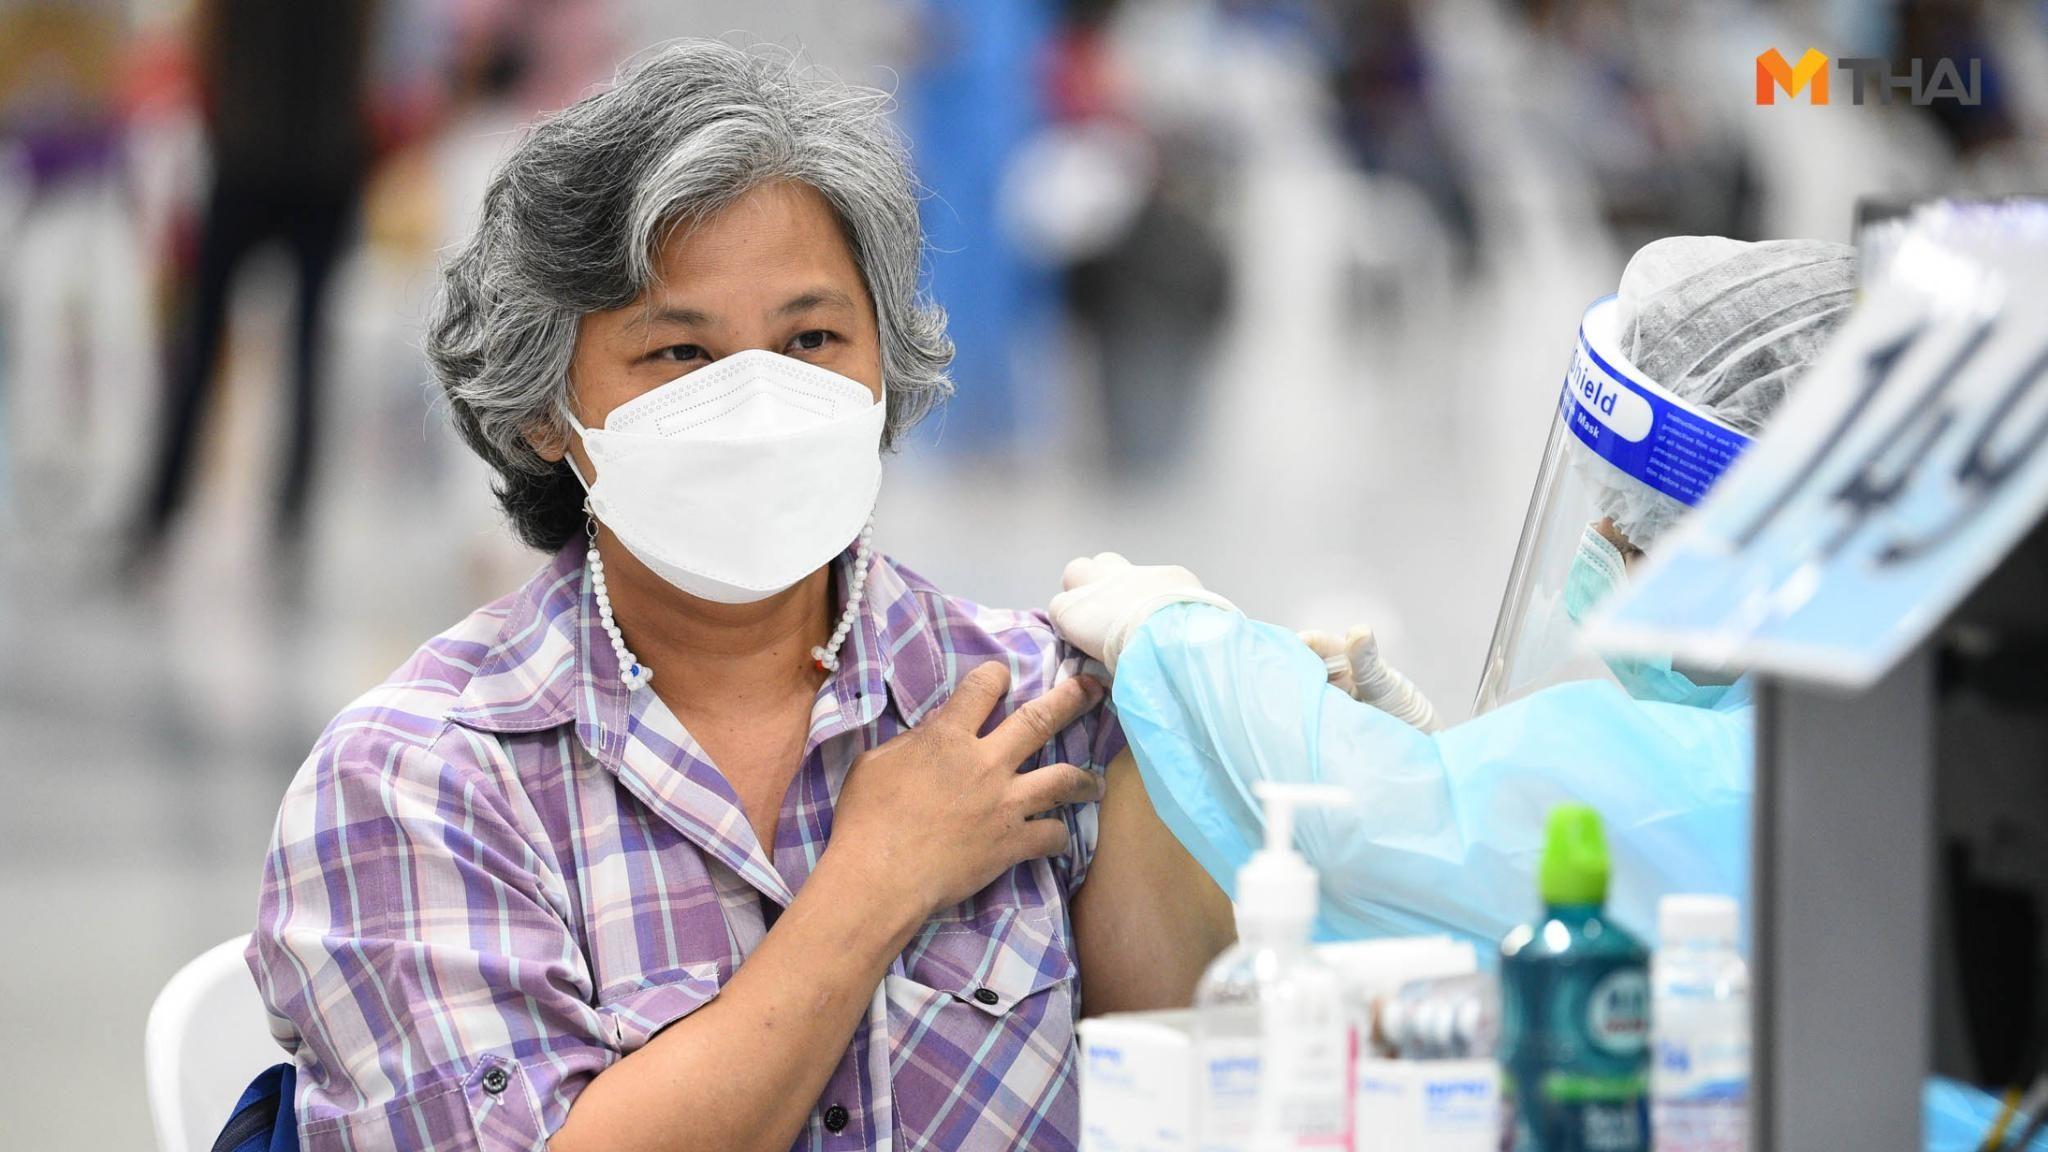 หมอพร้อม แจงเลื่อนฉีดวัคซีนเร็วขึ้น [สำหรับผู้สูงอายุ – 7 กลุ่มโรคเสี่ยง]